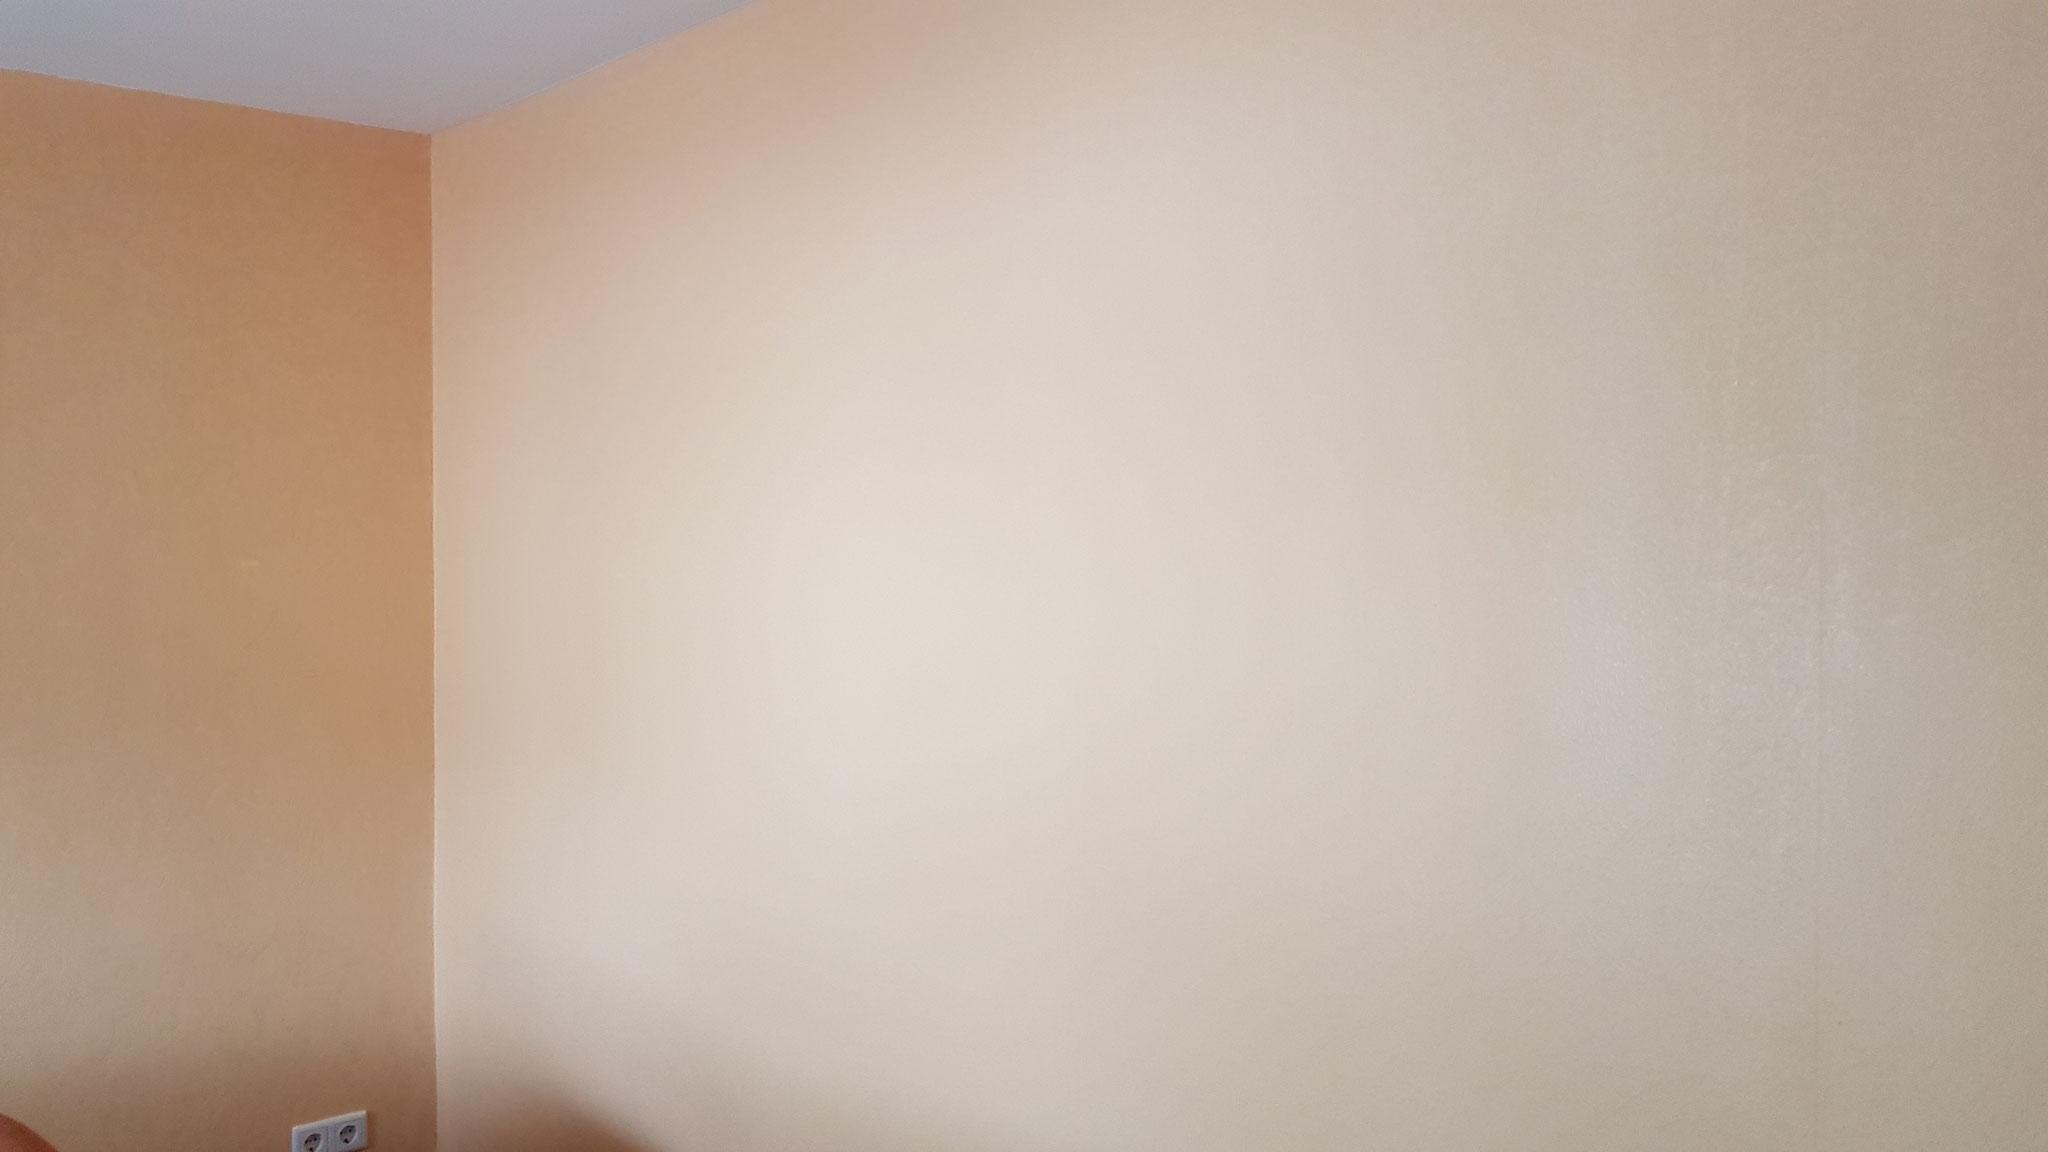 Fertig tapezierte und gestrichene Wohnzimmerwand.